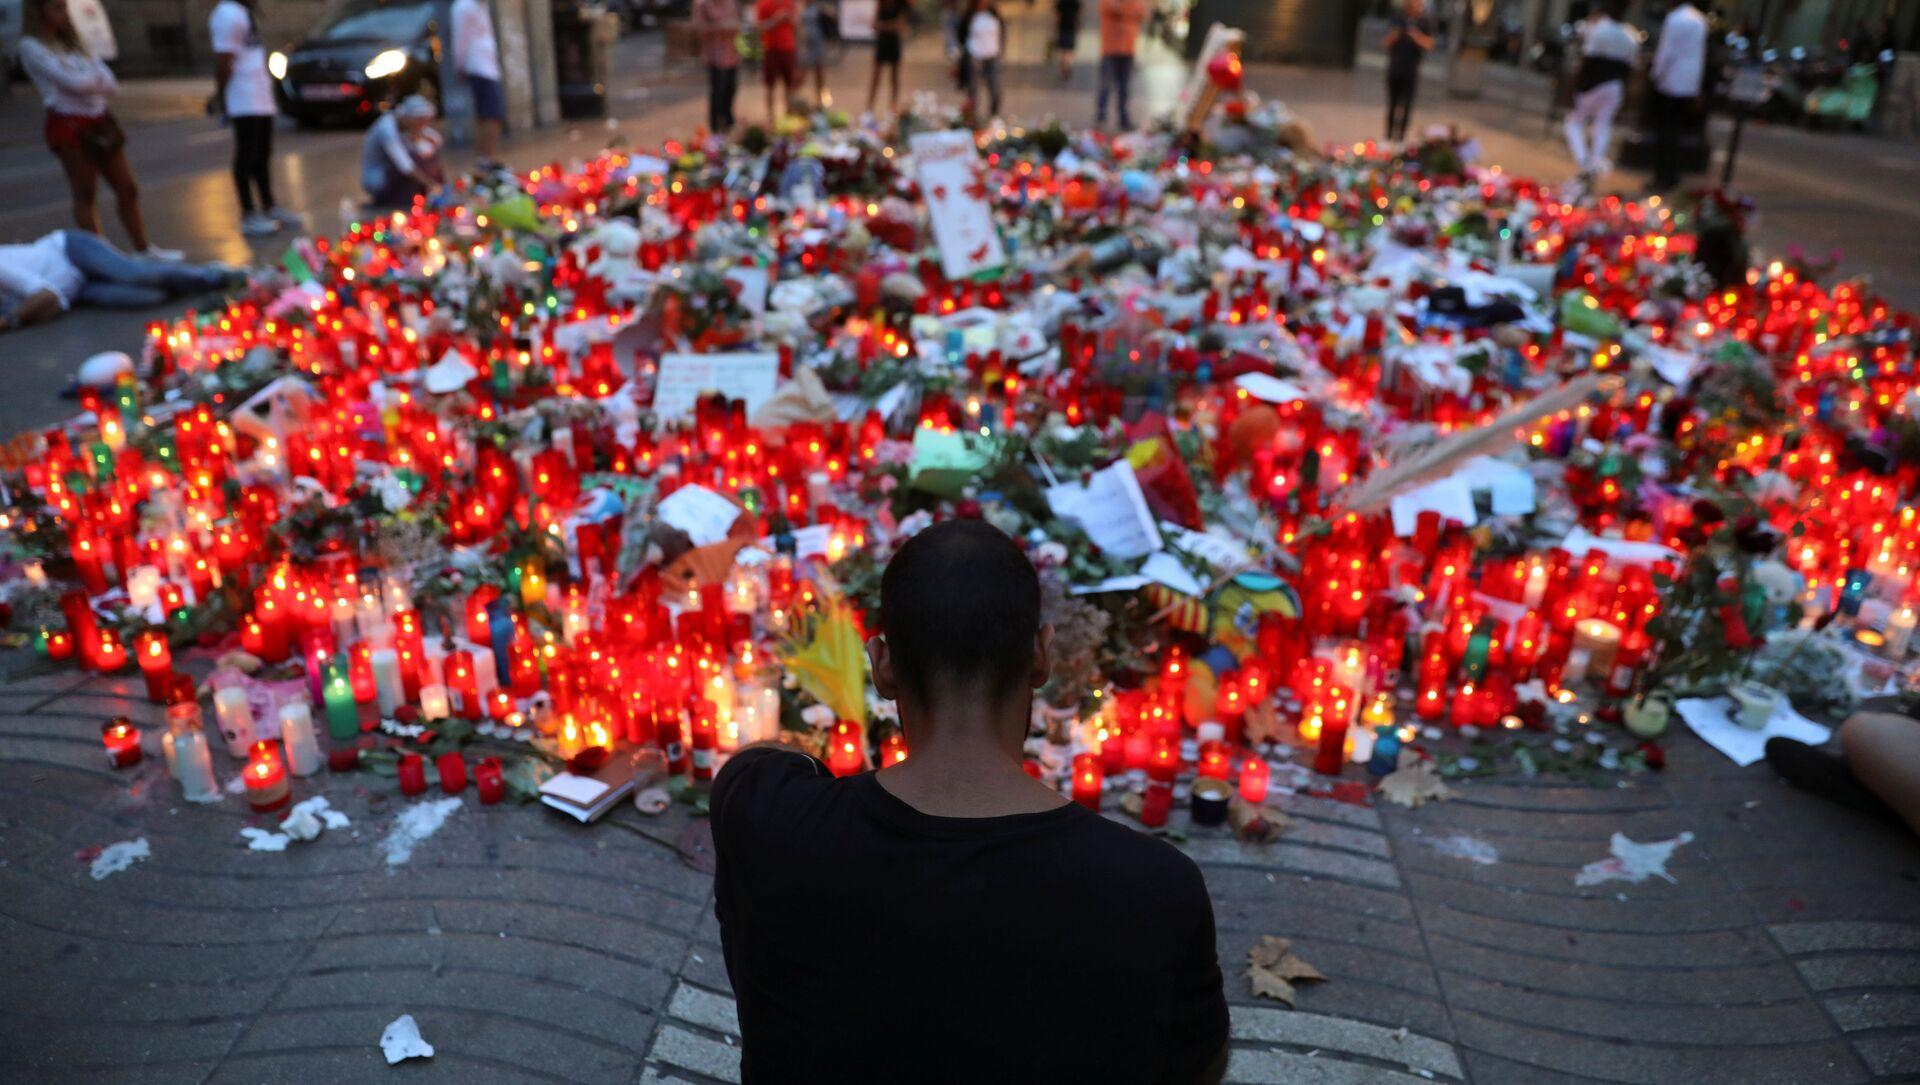 La gente rinde homenaje a las víctimas del atentado en La Rambla, Barcelona (archivo) - Sputnik Mundo, 1920, 06.08.2018